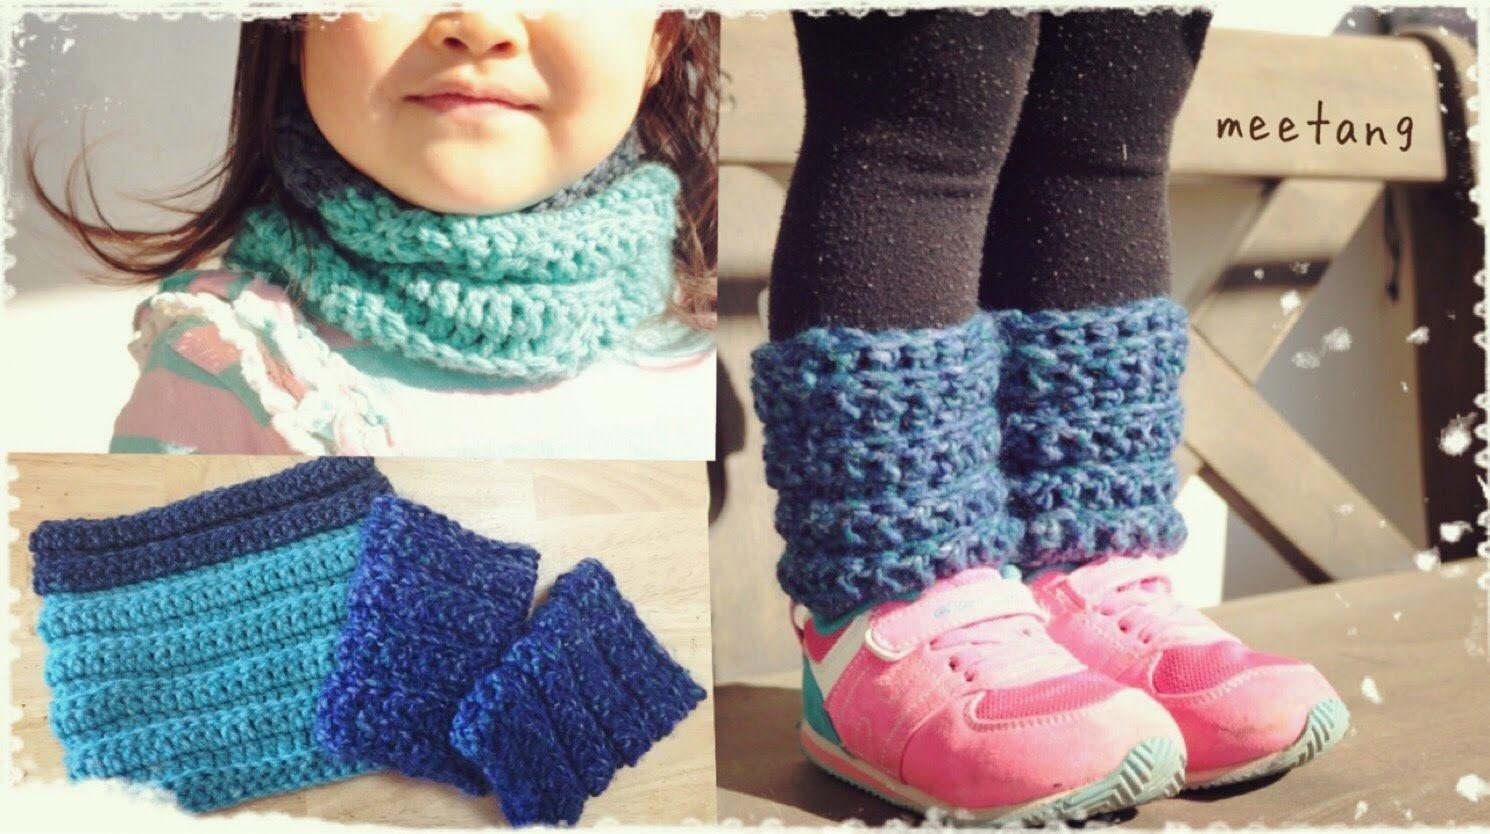 ネックウォーマー・レッグウォーマーの編み方 鎖編みなし長編みの輪にする編み方